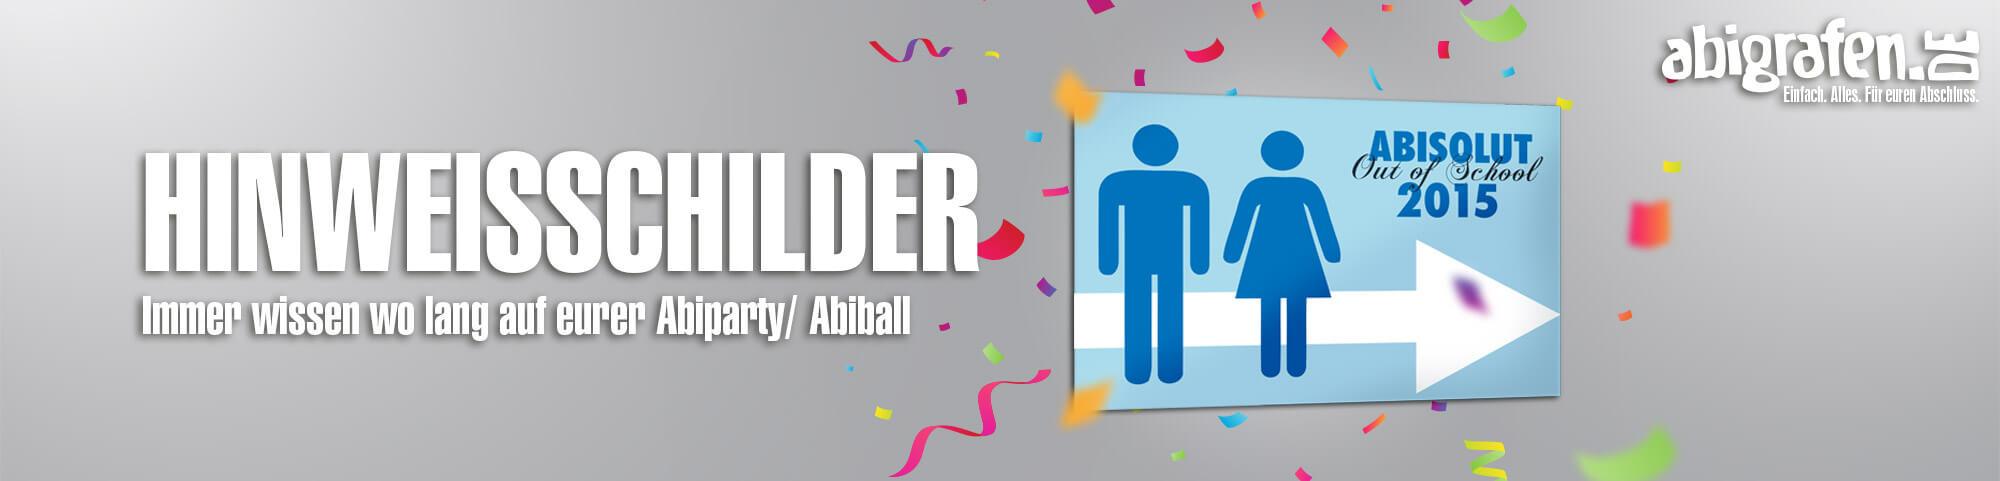 Produktinformationen, Designoptionen & Druck zu Hinweisschildern/Wegweisern für Abifeier, Abi Ball, Abiparties